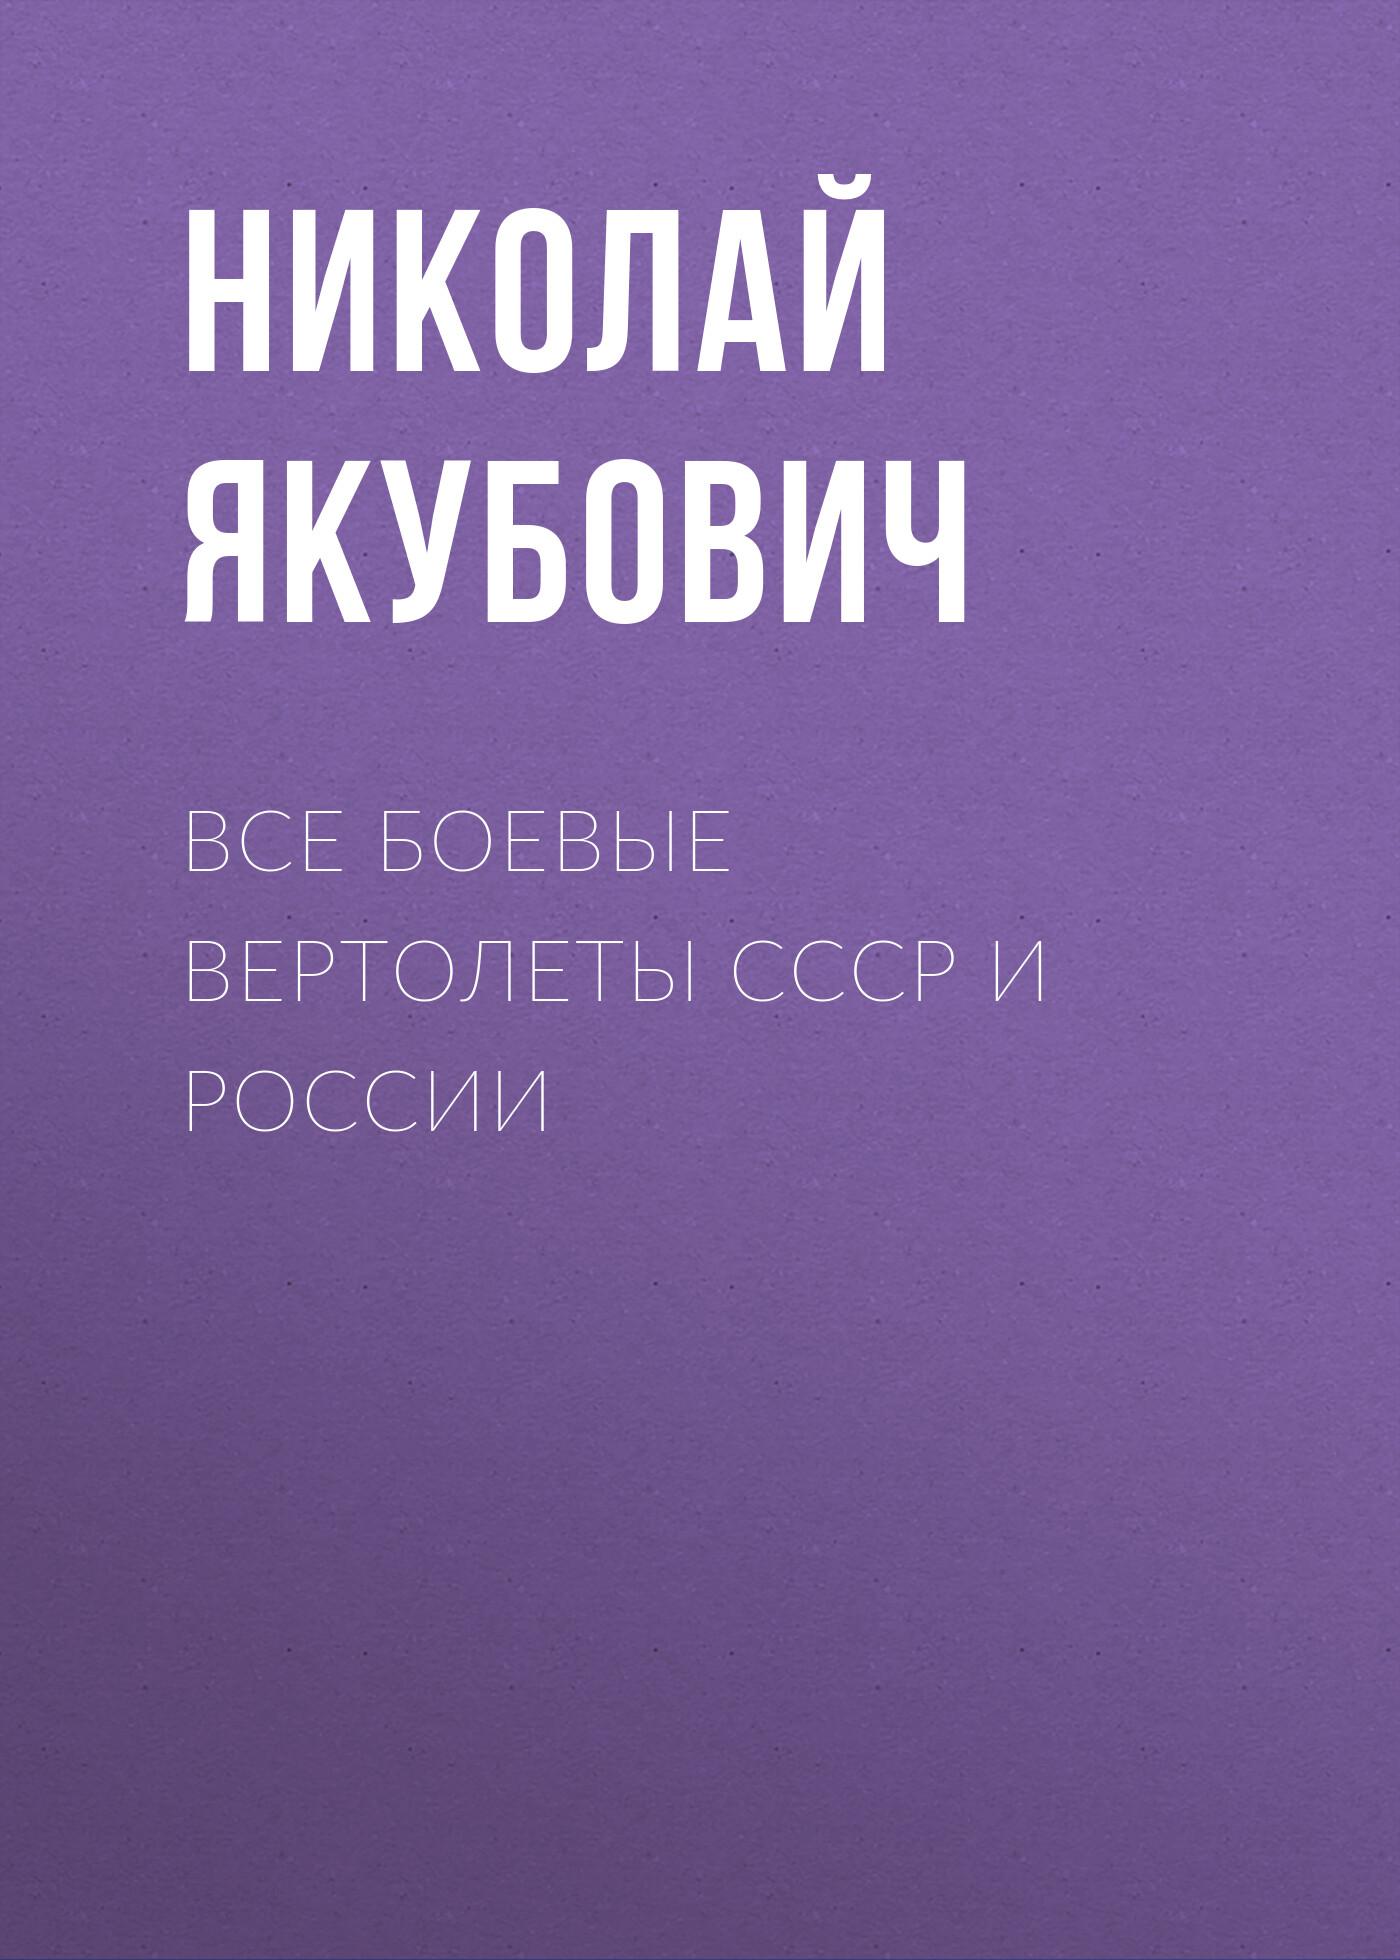 Все боевые вертолеты СССР и России